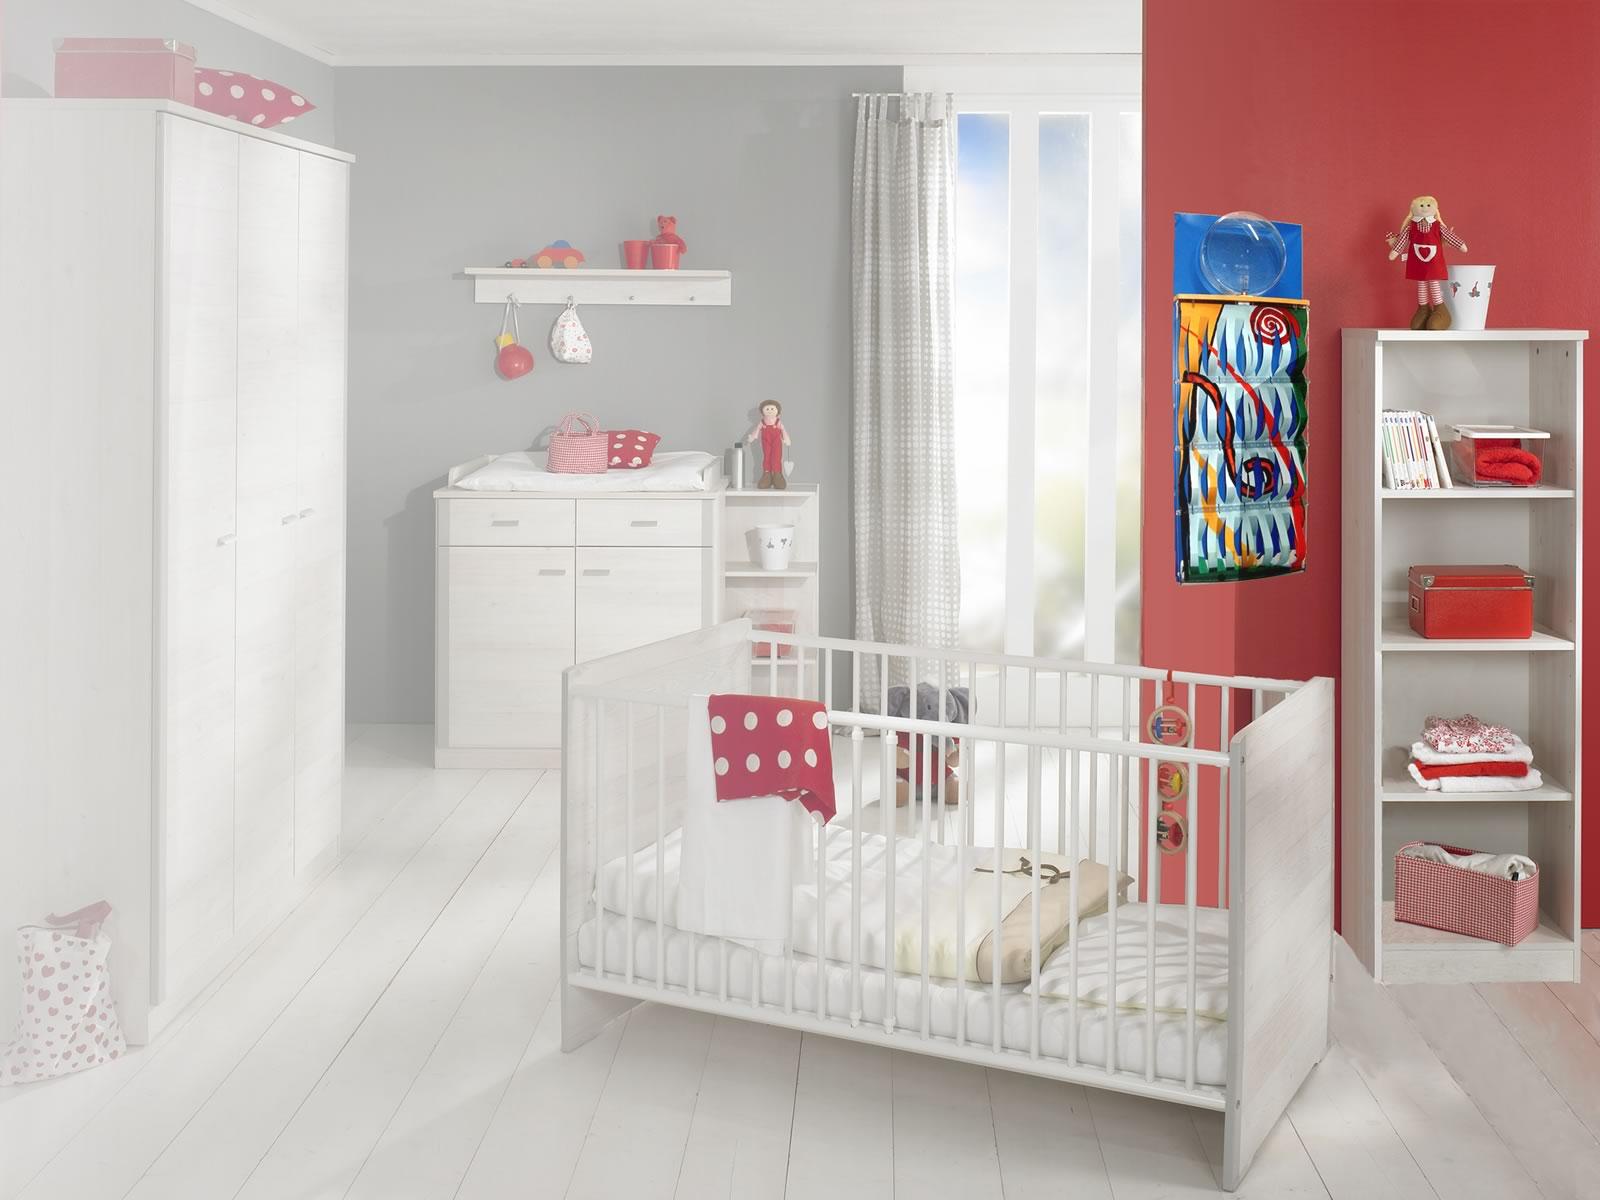 3D Befeuchter im Kinderzimmer - Luftbefeuchter - stromlos ...